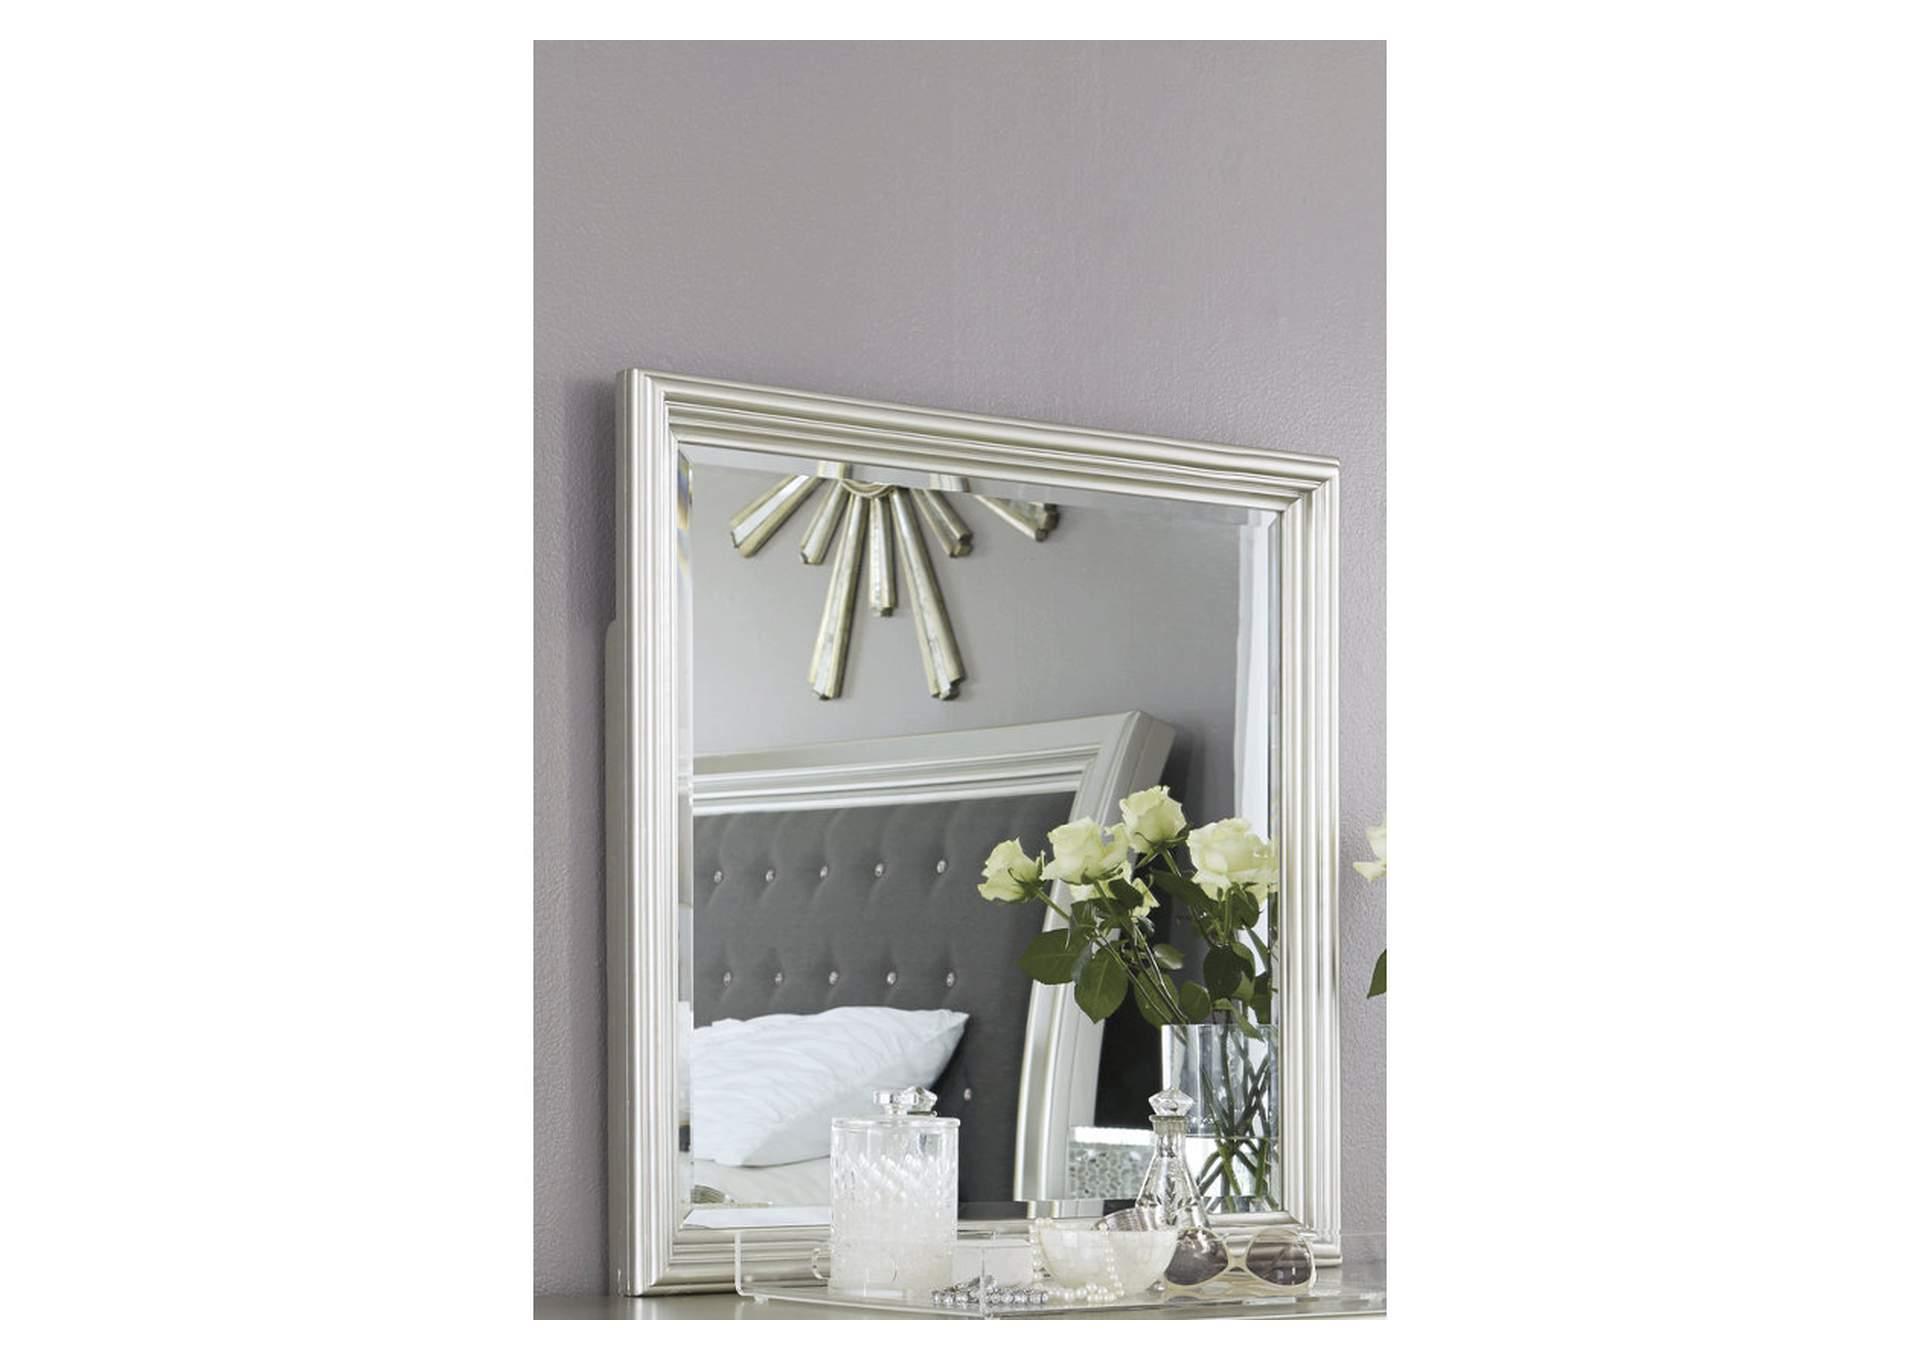 Espejo tocador color plata Coralayne   PEDIDO ESPECIAL